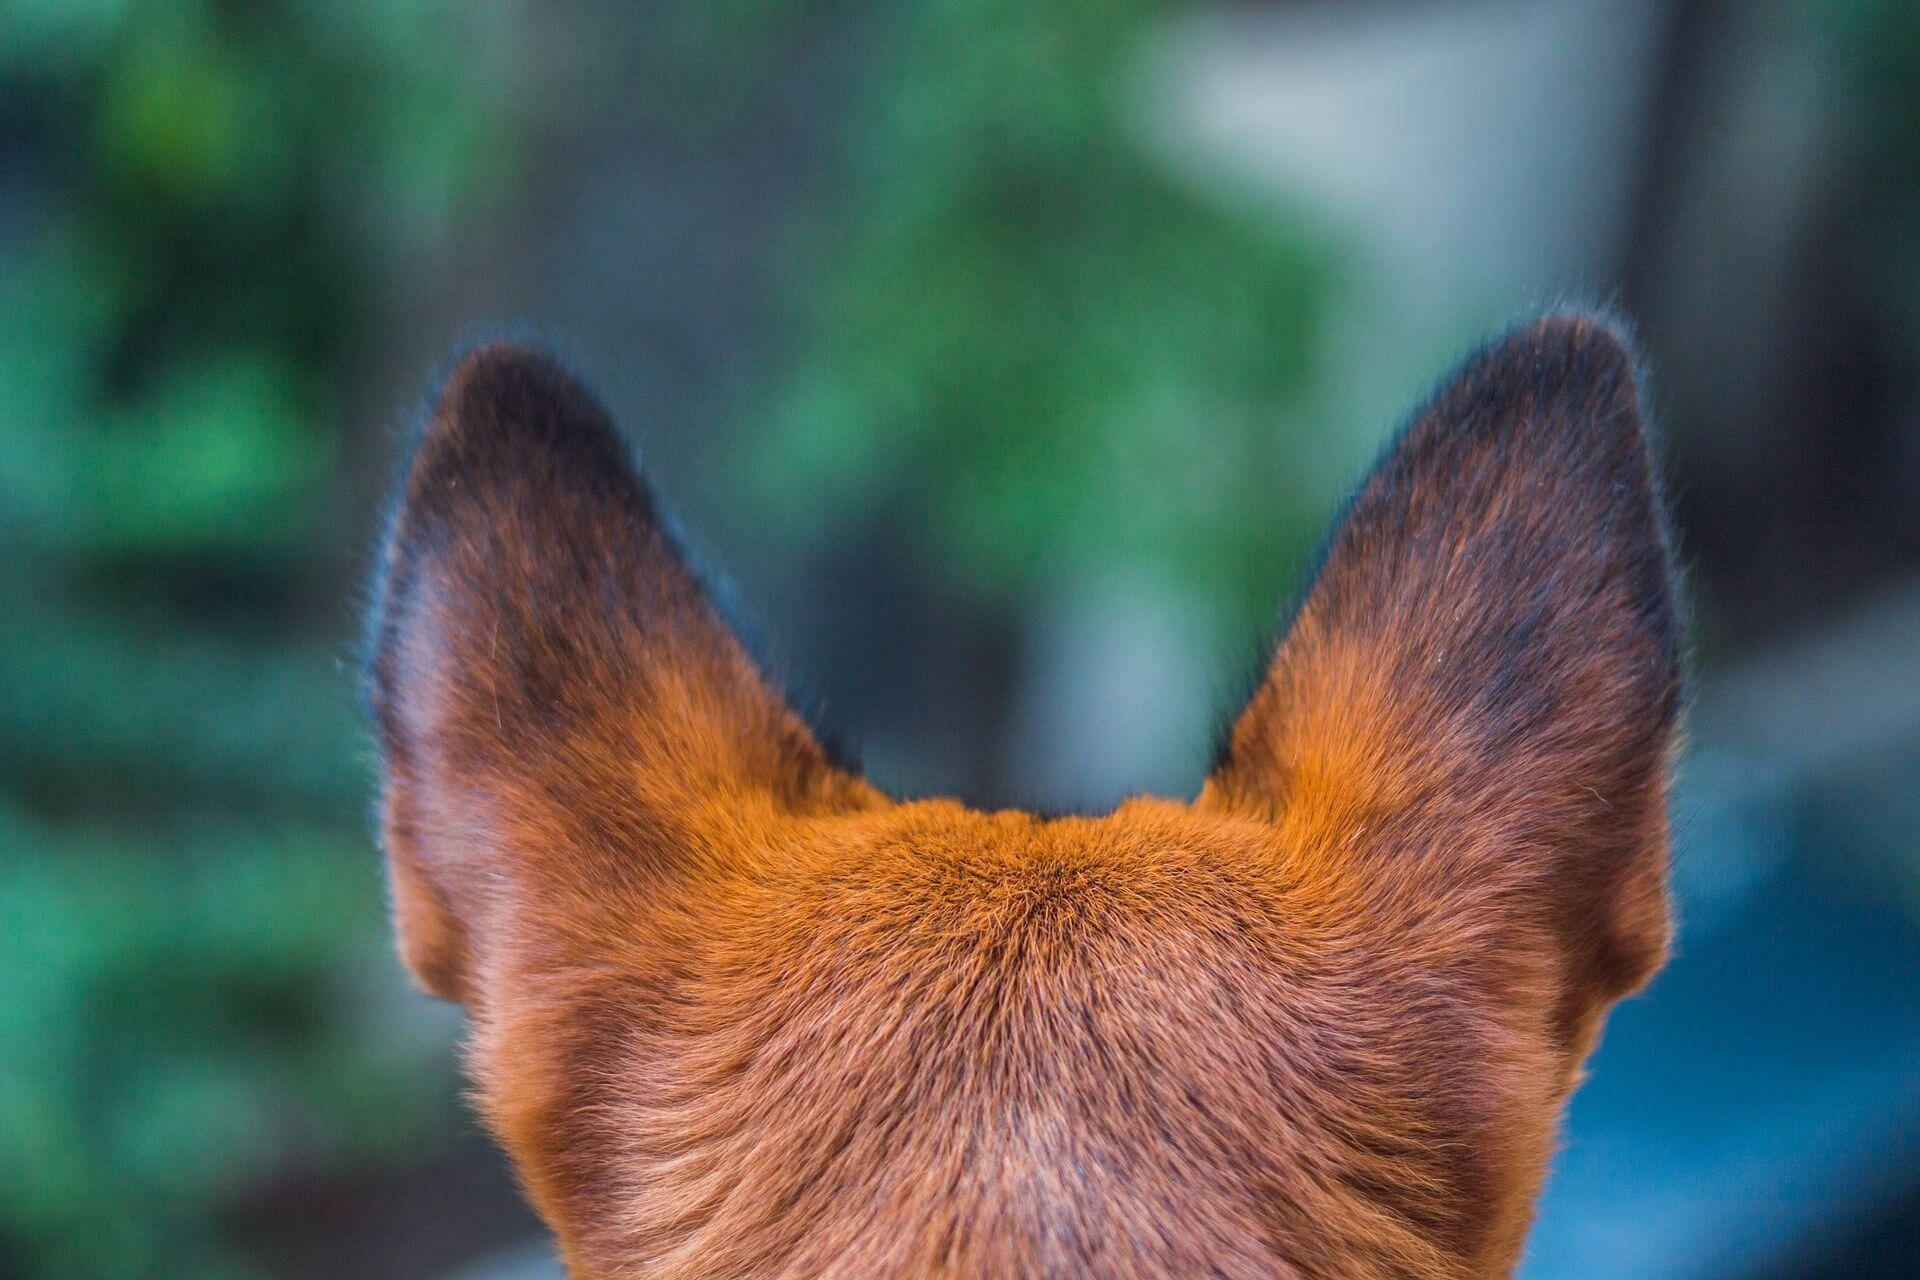 Болезни ушей у собаки: виды, симптомы, лечение